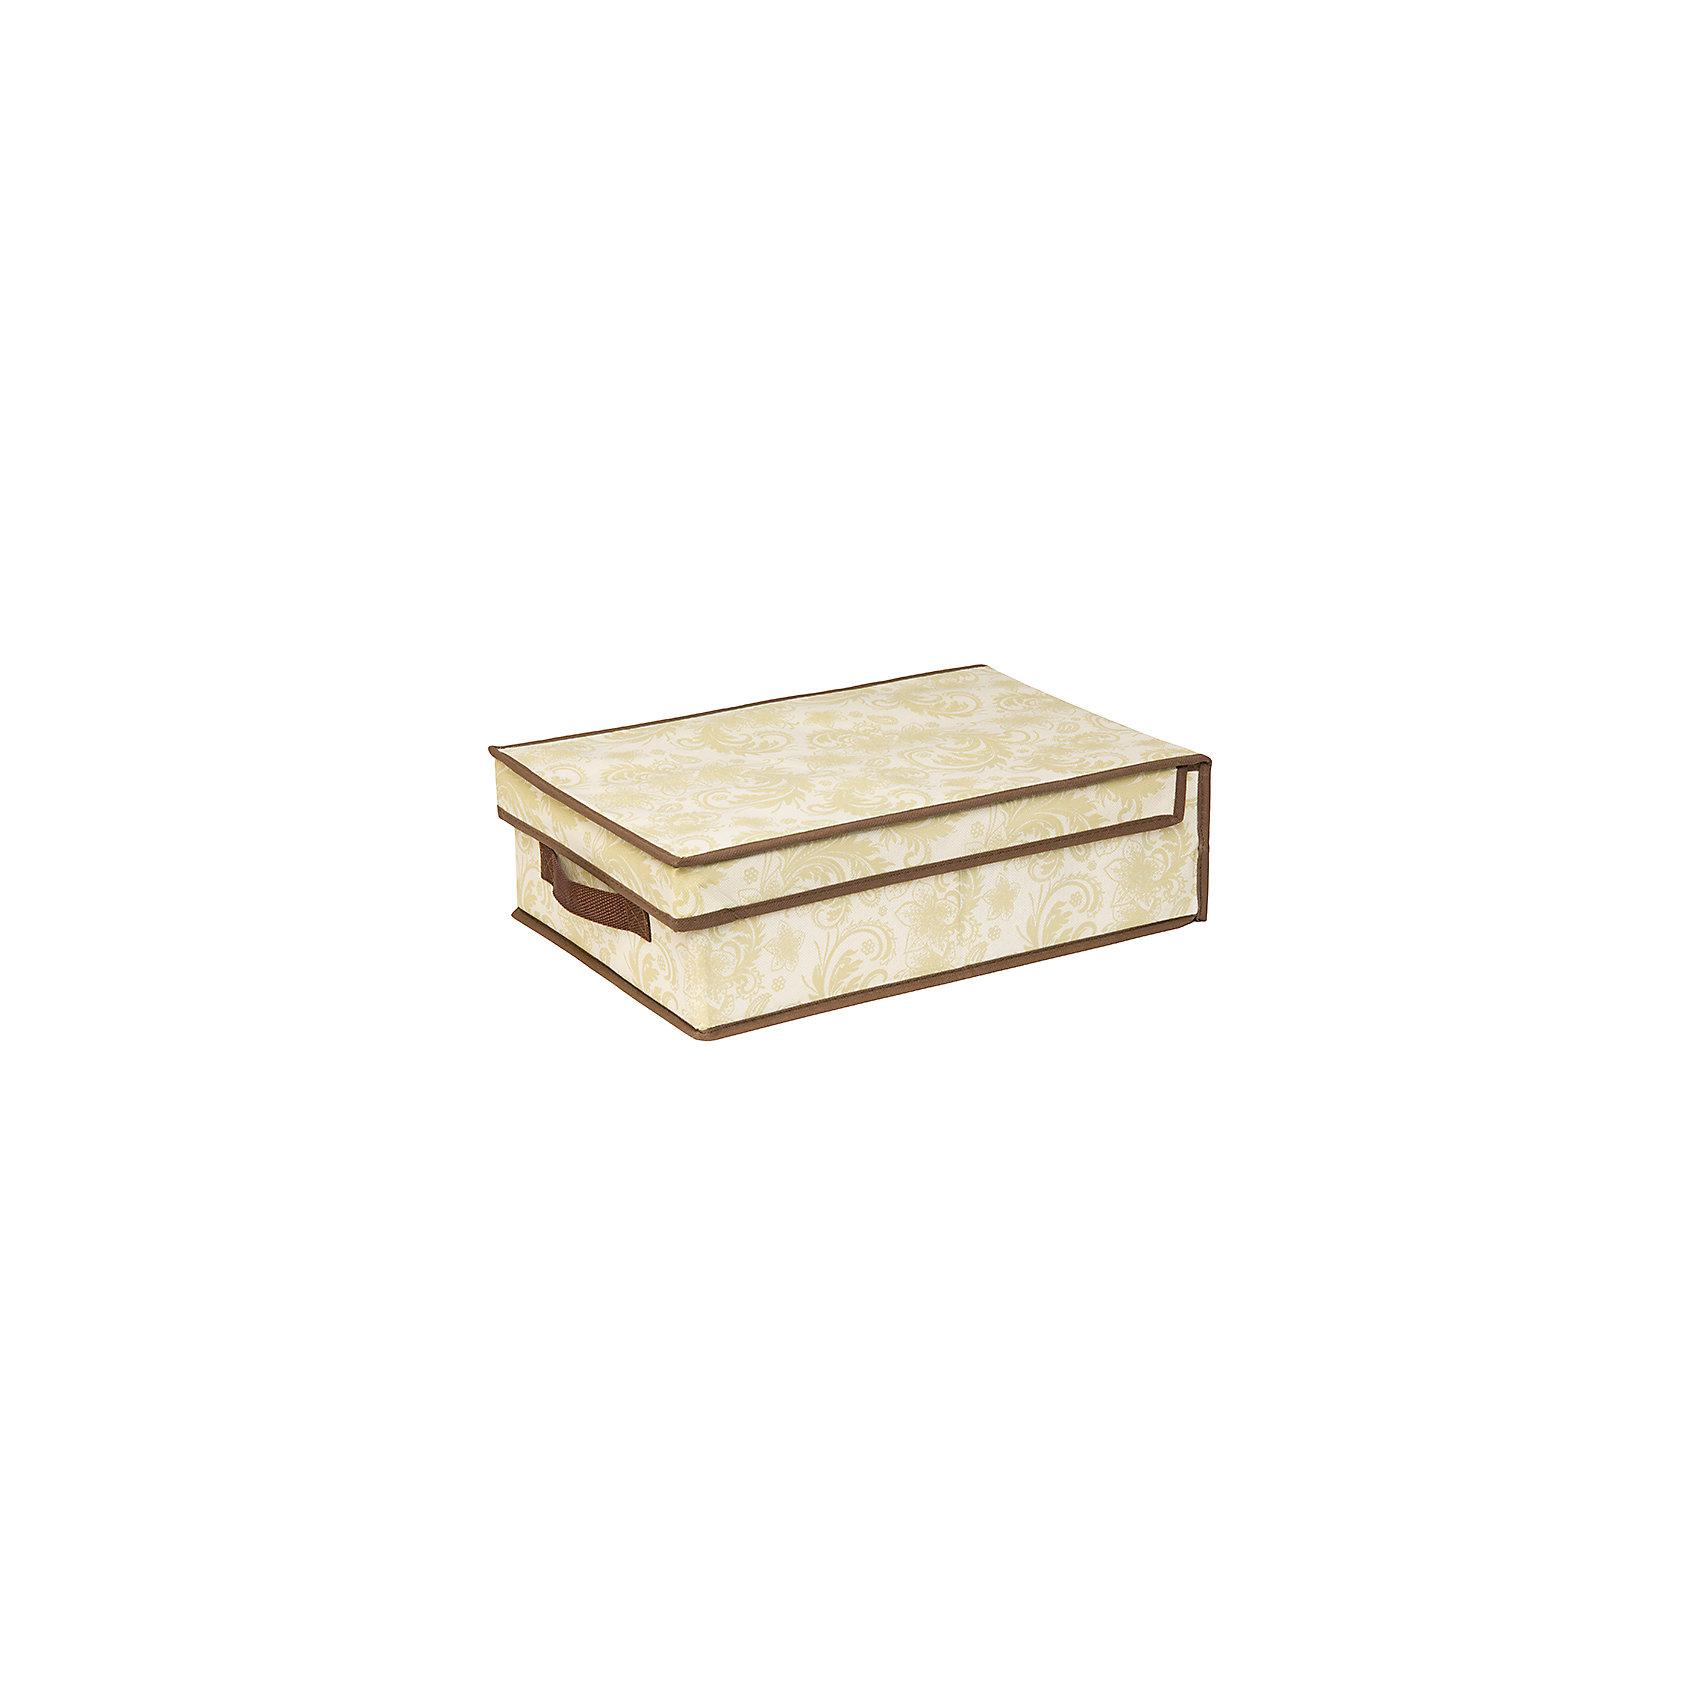 Кофр складной для хранения 27*41*12 см. Бежевый узор, EL CasaПорядок в детской<br>Характеристики товара:<br><br>• цвет: мульти<br>• материал: текстиль (полиэстер 100%)<br>• размер: 27 х 41 х 12 см<br>• вес: 600 г<br>• декорирован принтом<br>• с жестким каркасом<br>• легко складывается и раскладывается<br>• удобный<br>• с крышкой <br>• универсальный размер<br>• страна бренда: Российская Федерация<br>• страна производства: Китай<br><br>Такой кофр - отличный пример красивой и функциональной вещи для любого интерьера. В нем удобной хранить различные мелочи, благодаря универсальному дизайну и расцветке он хорошо будет смотреться в помещении.<br><br>Кофр с жёстким каркасом для хранения может стать отличным приобретением для дома или подарком для любителей красивых оригинальных вещей.<br><br>Бренд EL Casa - это красивые и практичные товары для дома с современным дизайном. Они добавляют в жильё уюта и комфорта! <br><br>Кофр складной для хранения 27*41*12 см. Бежевый узор, EL Casa можно купить в нашем интернет-магазине.<br><br>Ширина мм: 415<br>Глубина мм: 270<br>Высота мм: 20<br>Вес г: 563<br>Возраст от месяцев: 0<br>Возраст до месяцев: 1188<br>Пол: Унисекс<br>Возраст: Детский<br>SKU: 6668750